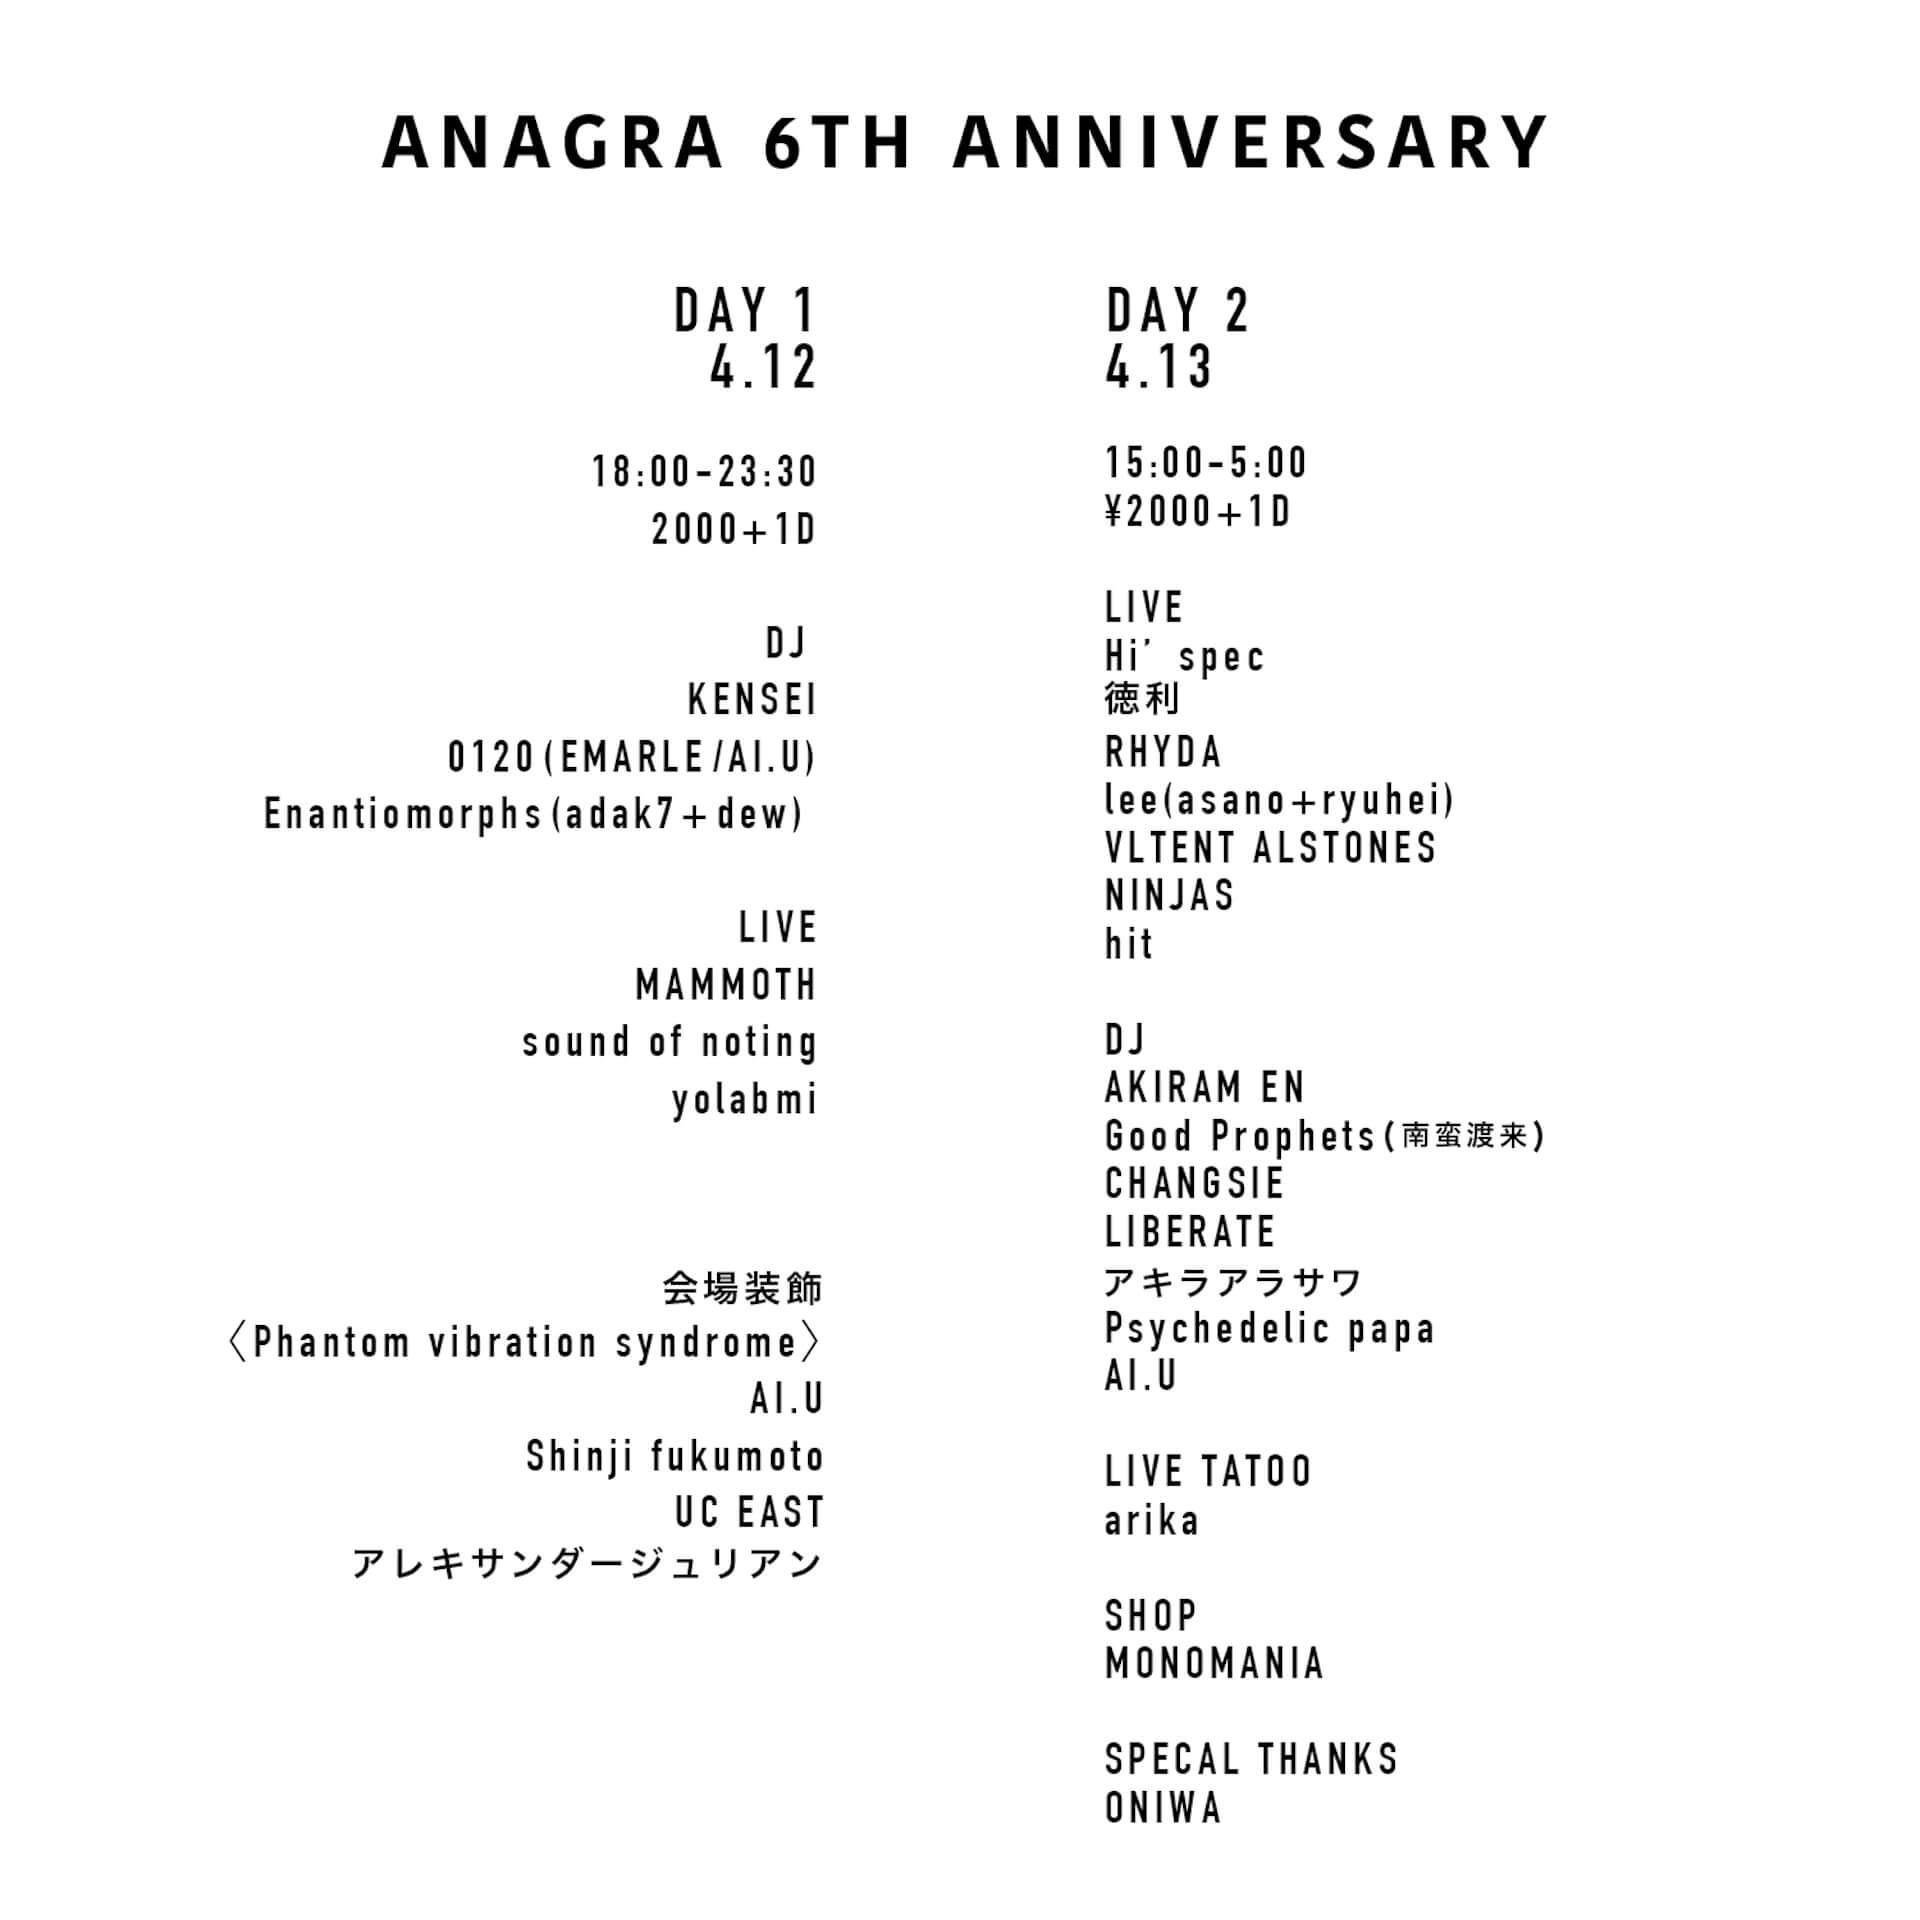 ANAGRAが6周年アニバーサリーで目にも耳にも心にも刺激的な2日間をお届け art-culture190401-anagra-7